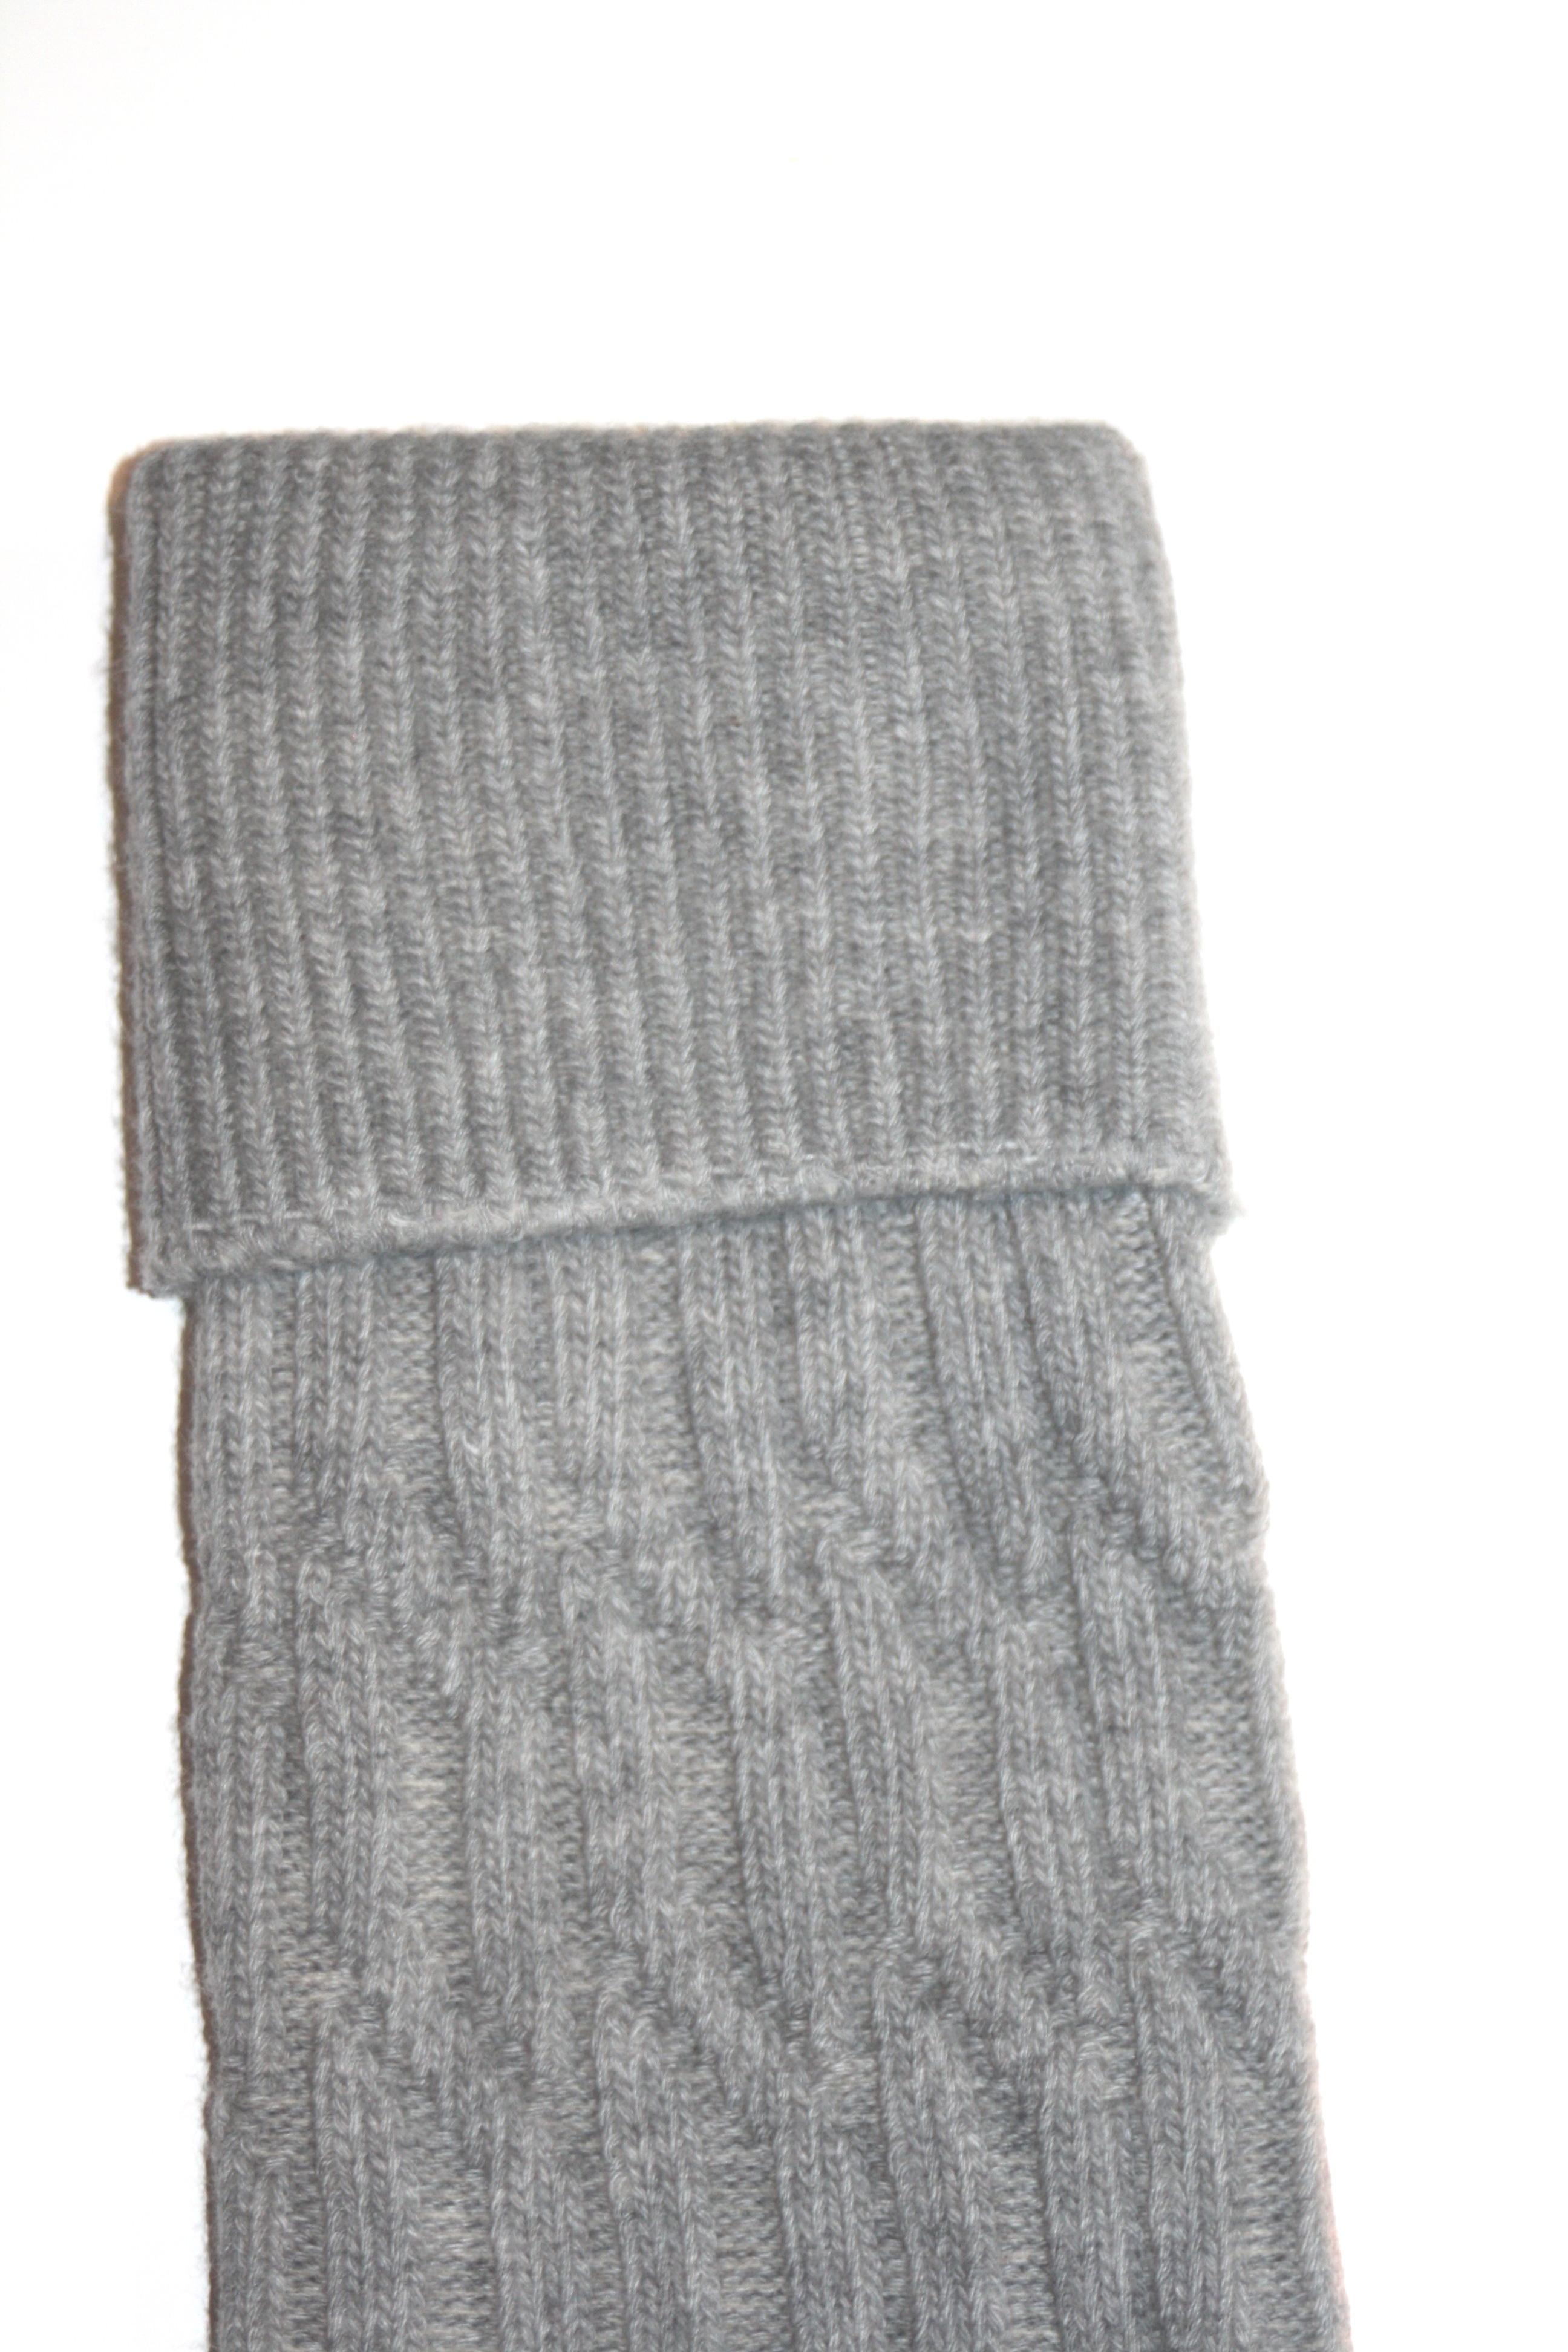 35e9f03ddd8d98 Het valt op zodra je ze aanraakt  de sokken van het merk VNS voelen  heerlijk zacht aan